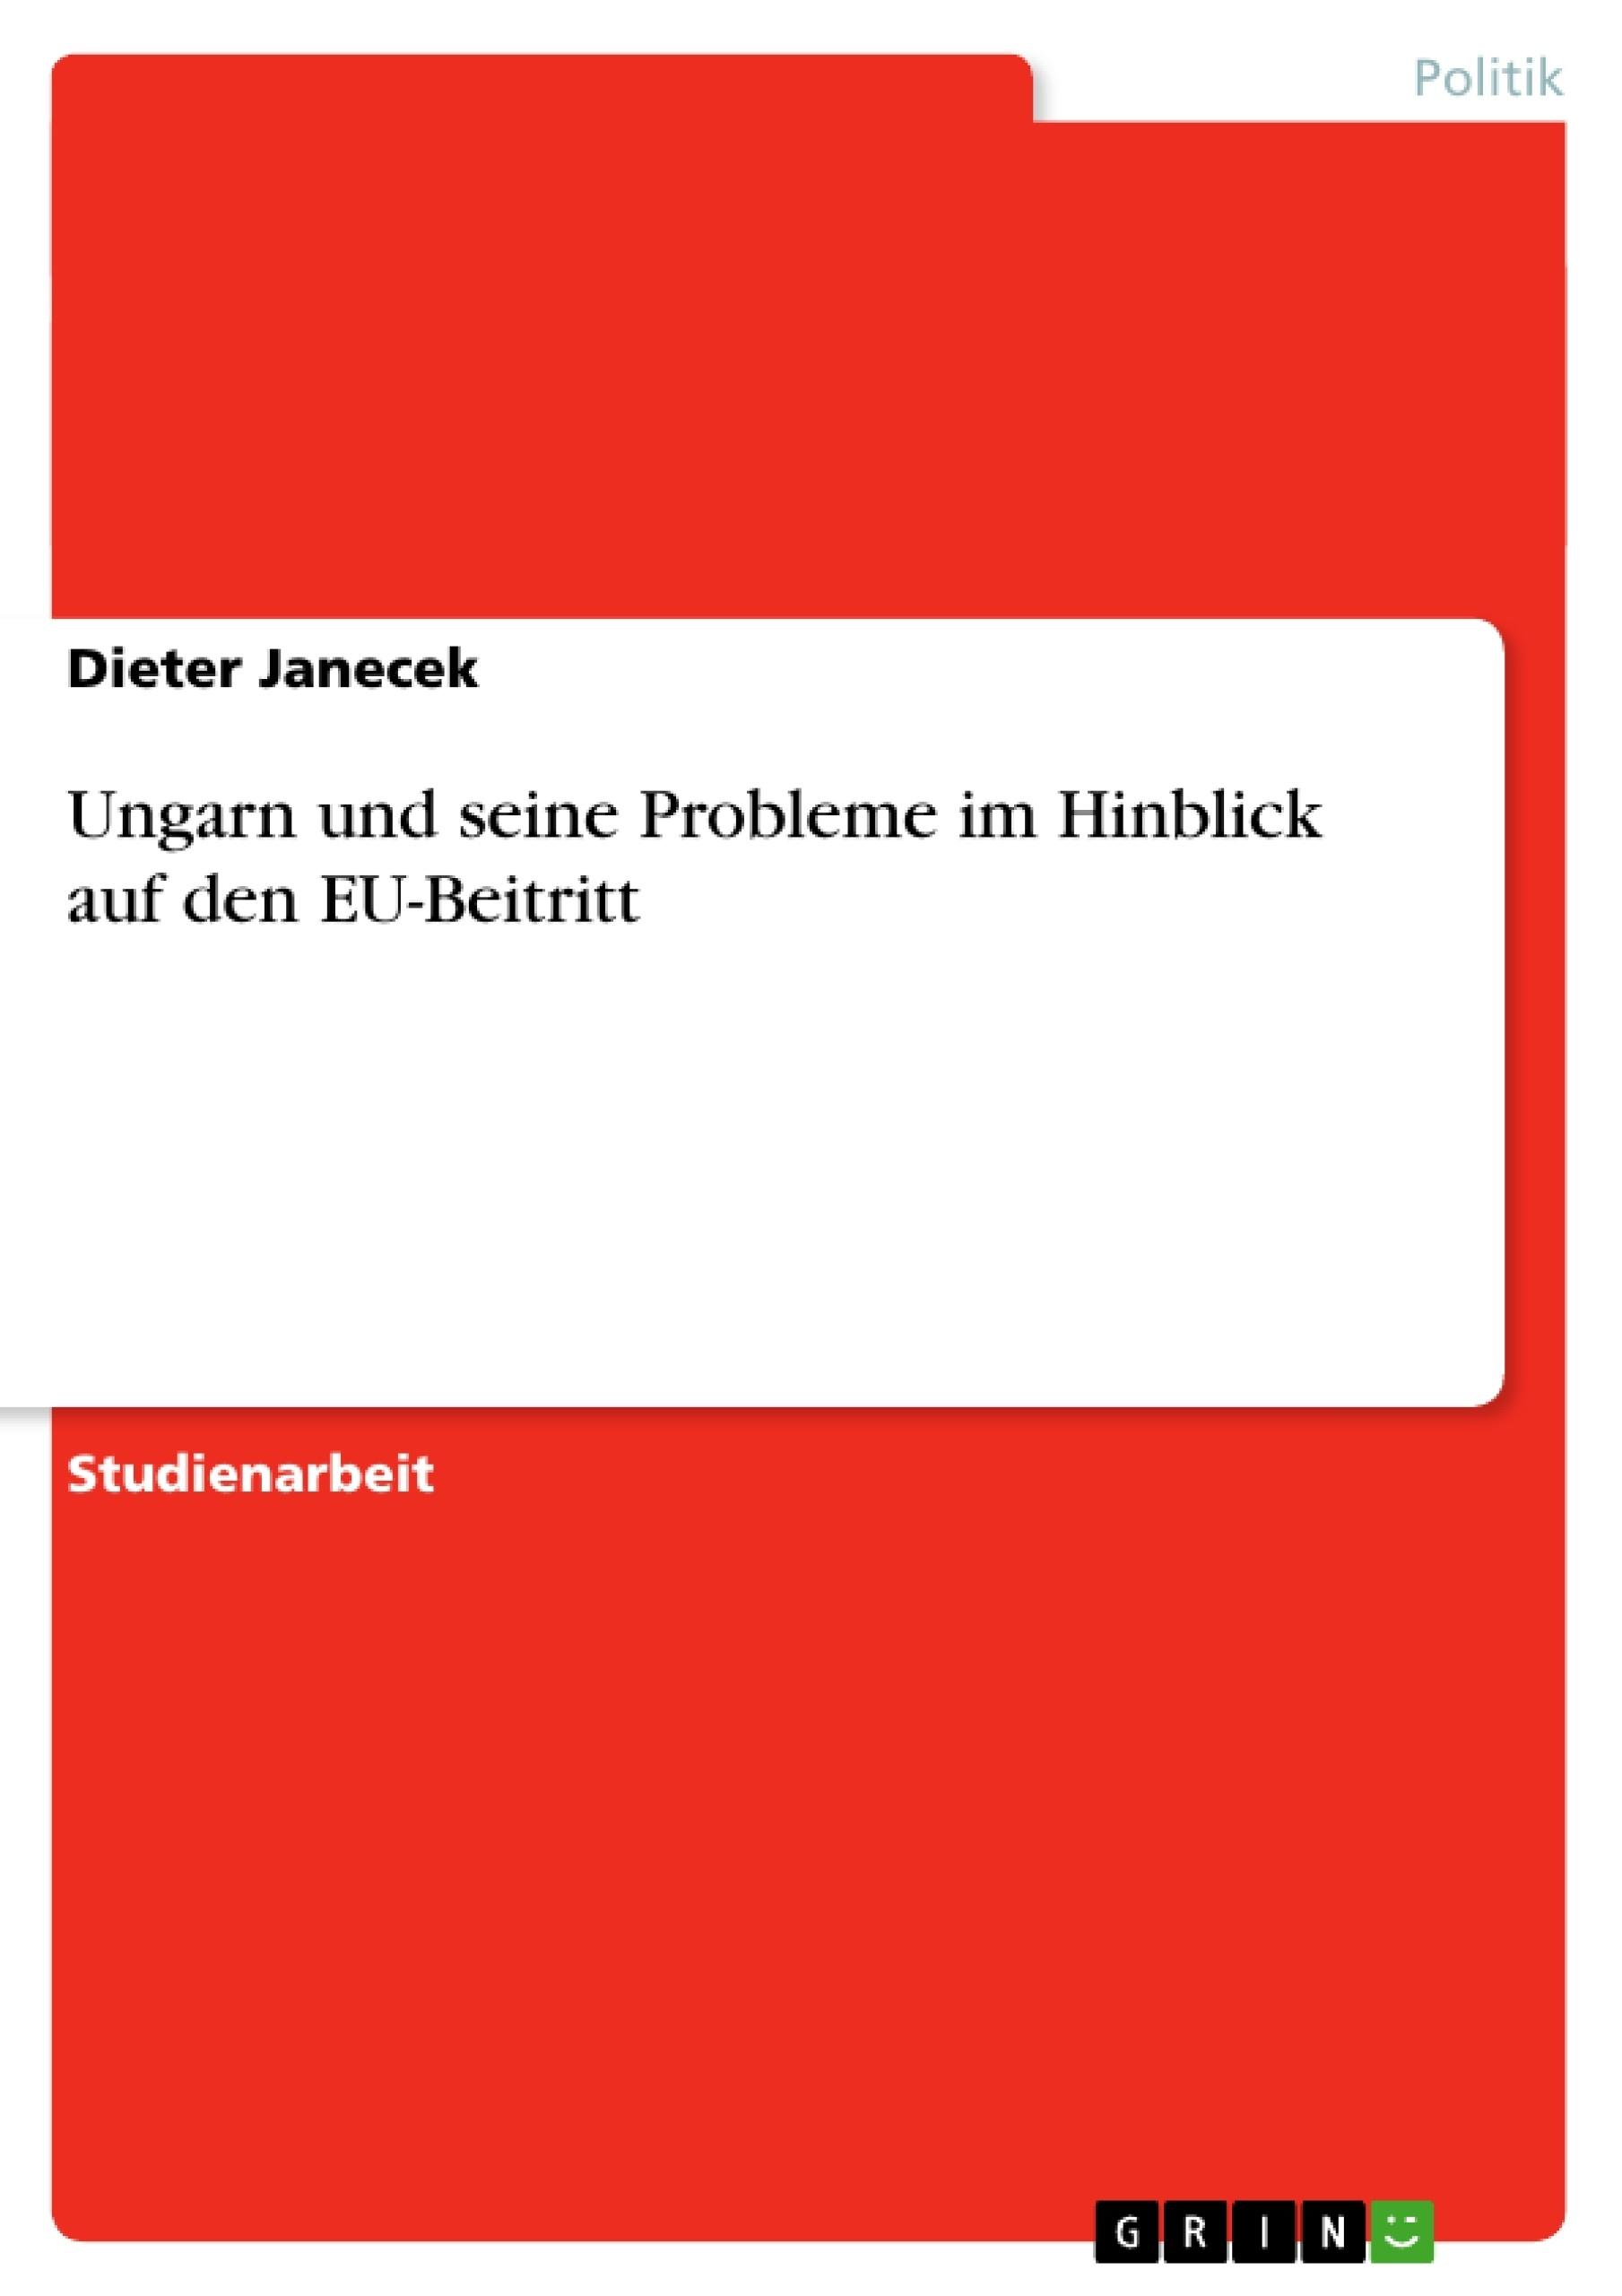 Titel: Ungarn und seine Probleme im Hinblick auf den EU-Beitritt